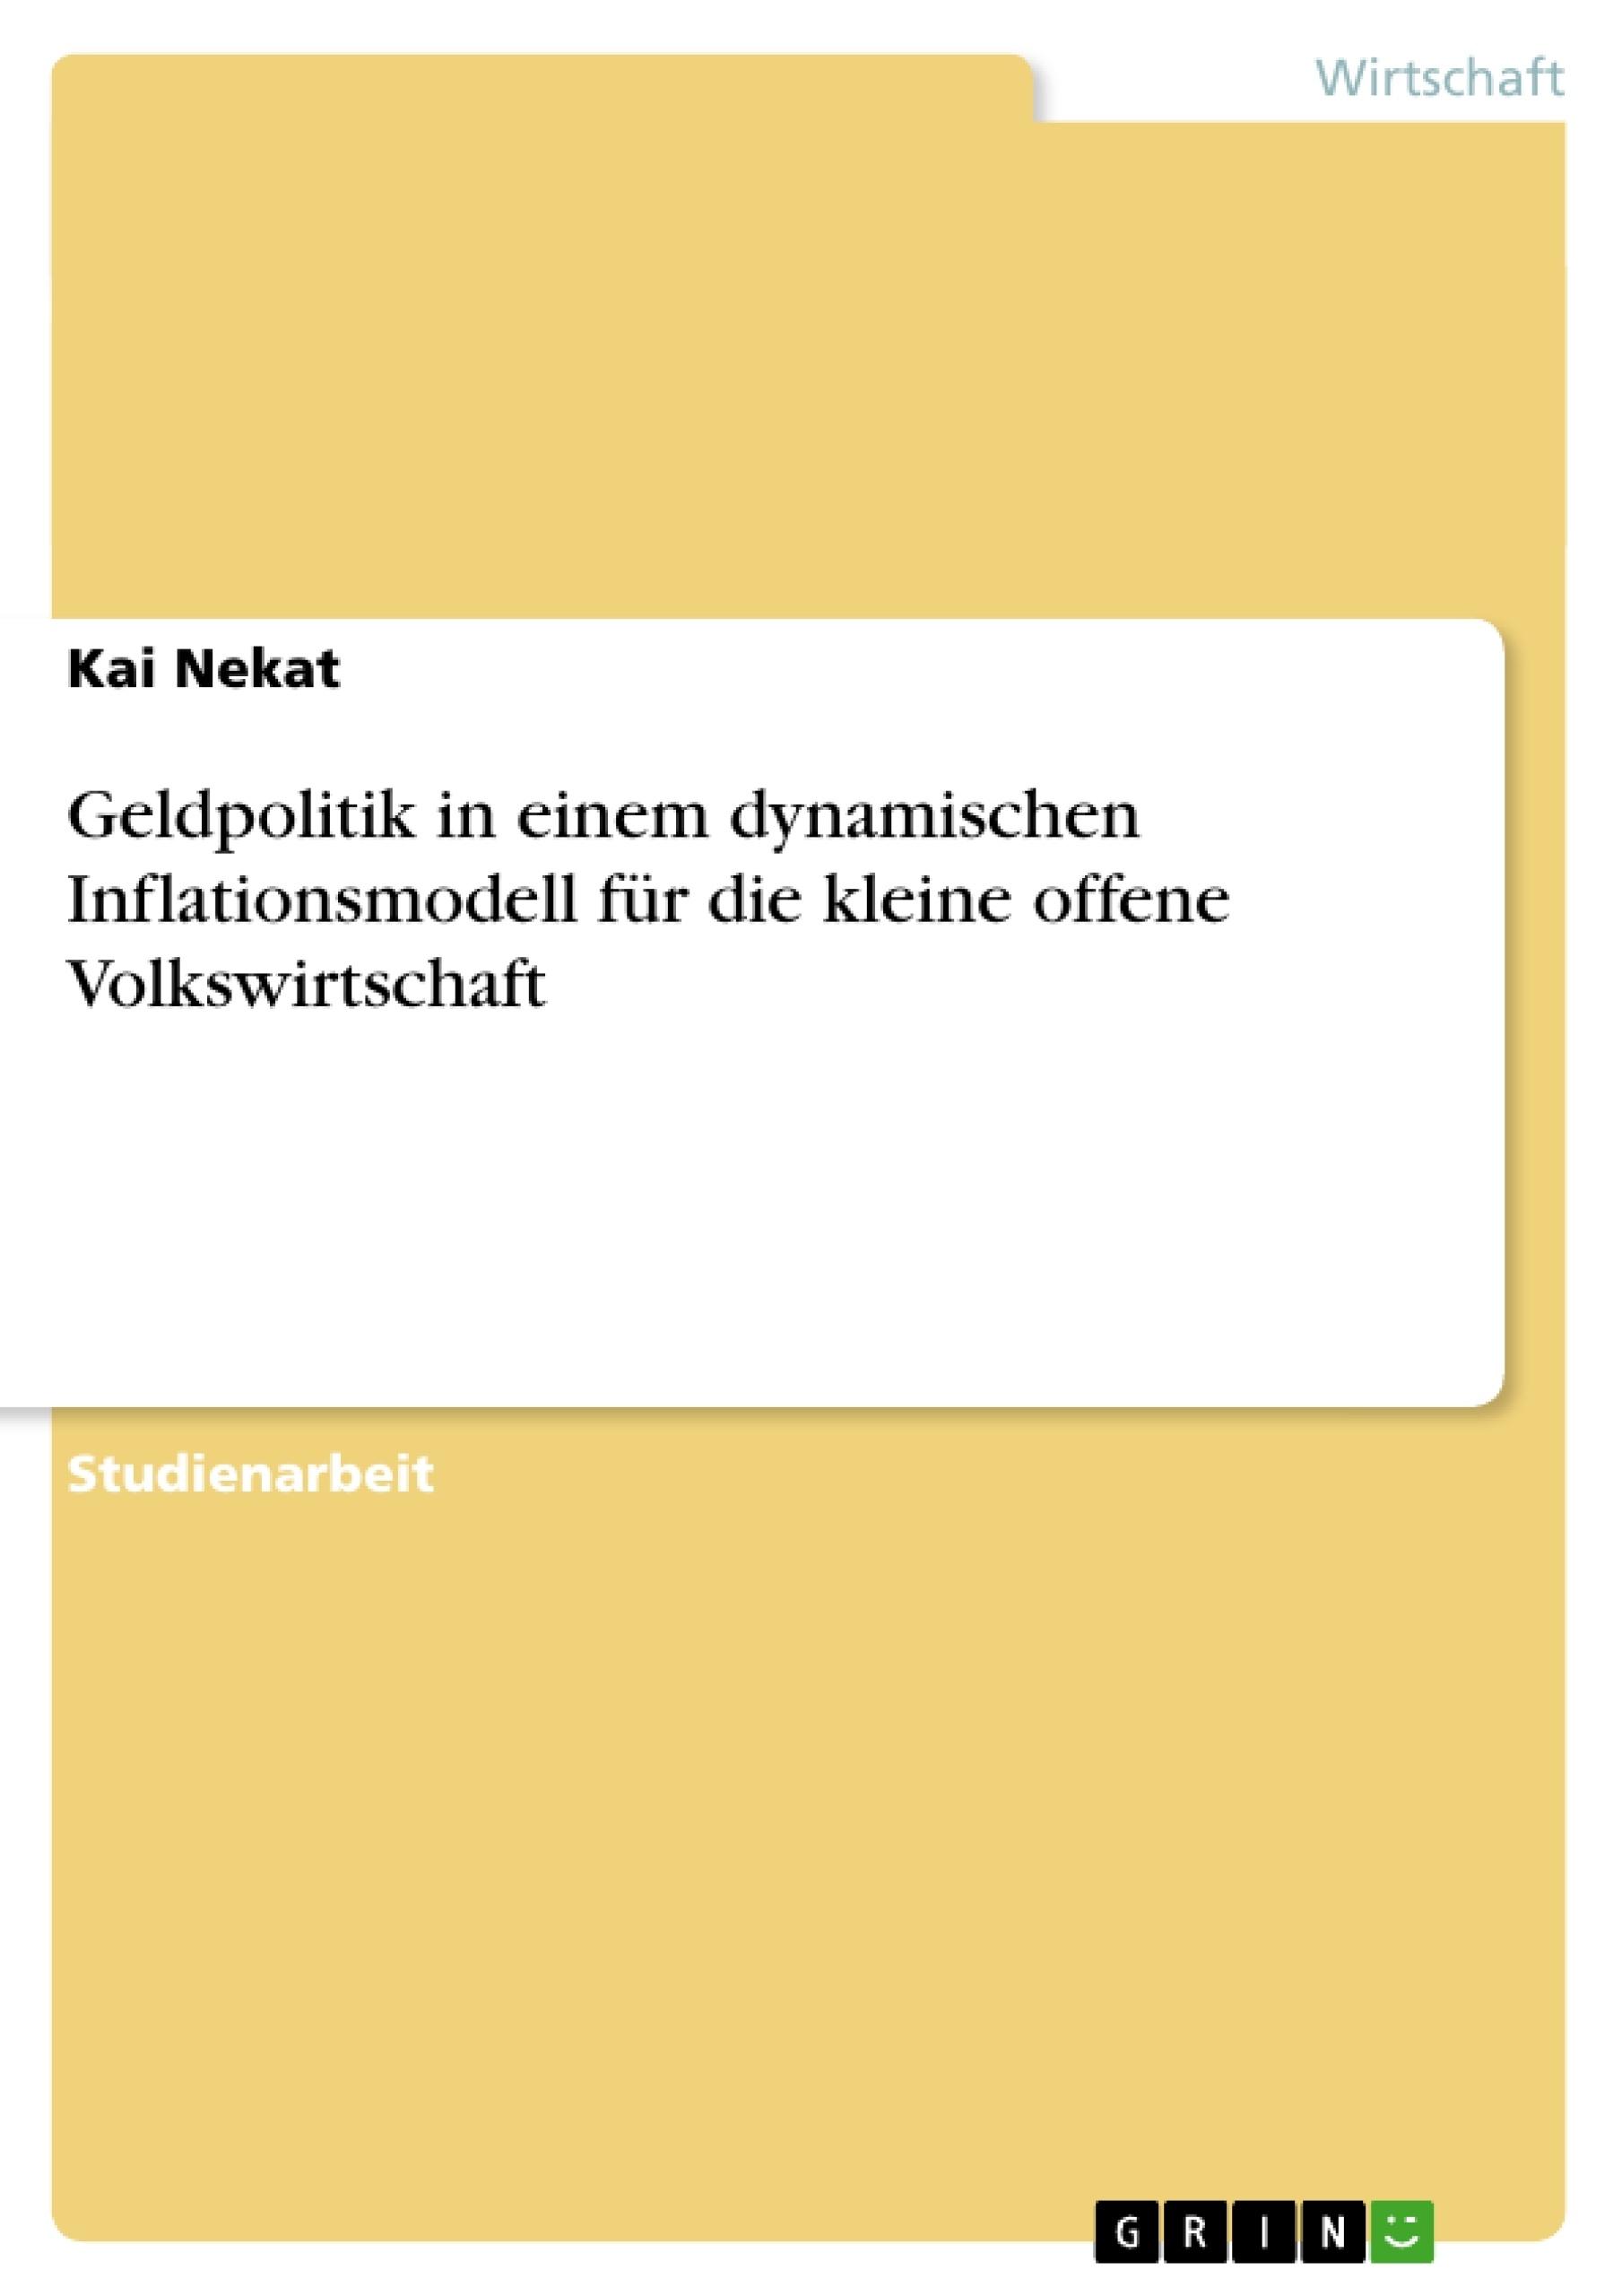 Titel: Geldpolitik in einem dynamischen Inflationsmodell für die kleine offene Volkswirtschaft